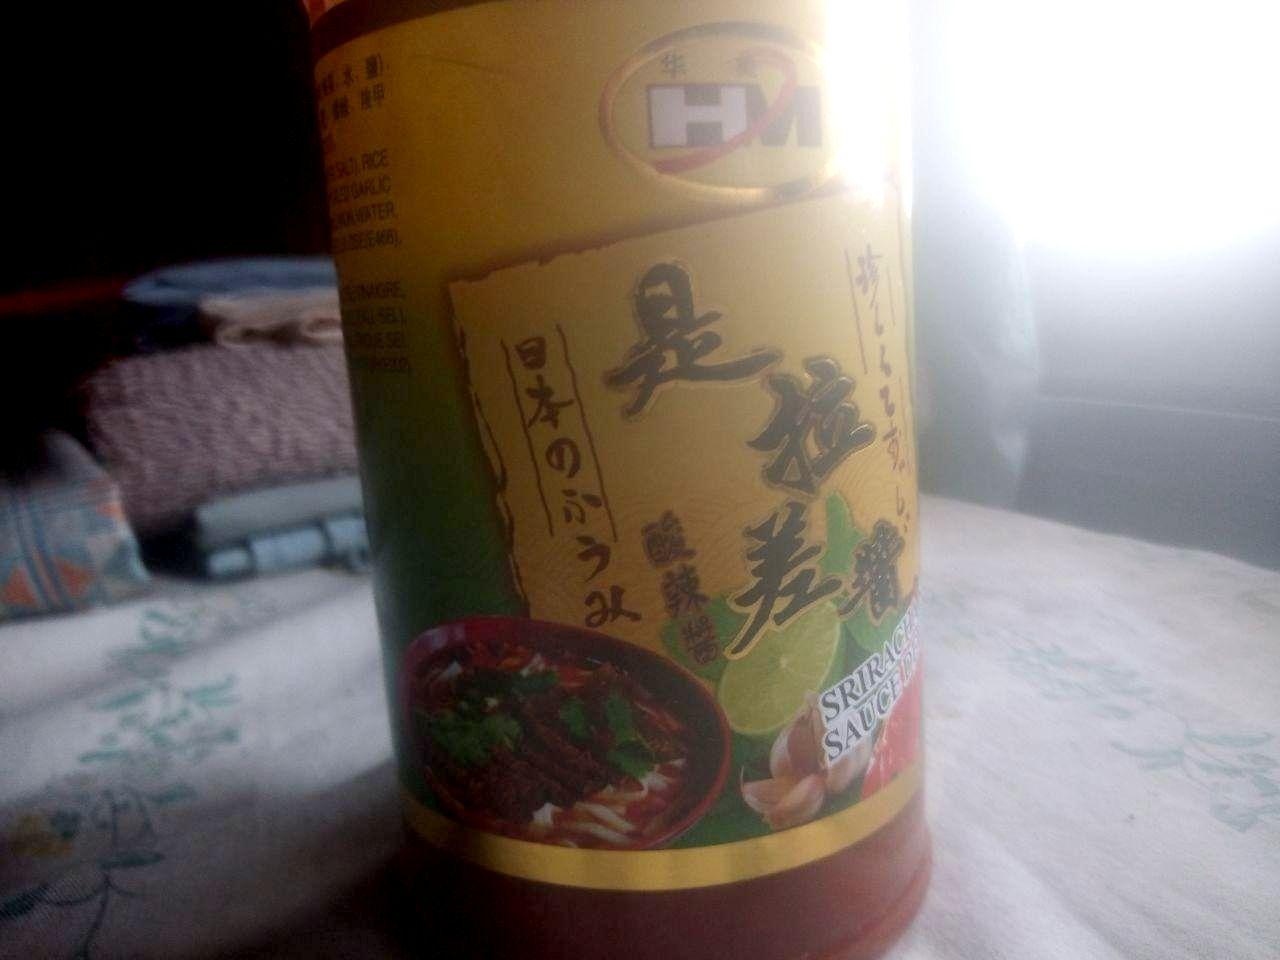 La sauce Sriracha fait partie des sauces asiatiques pour améliorer n'importe quel plat.